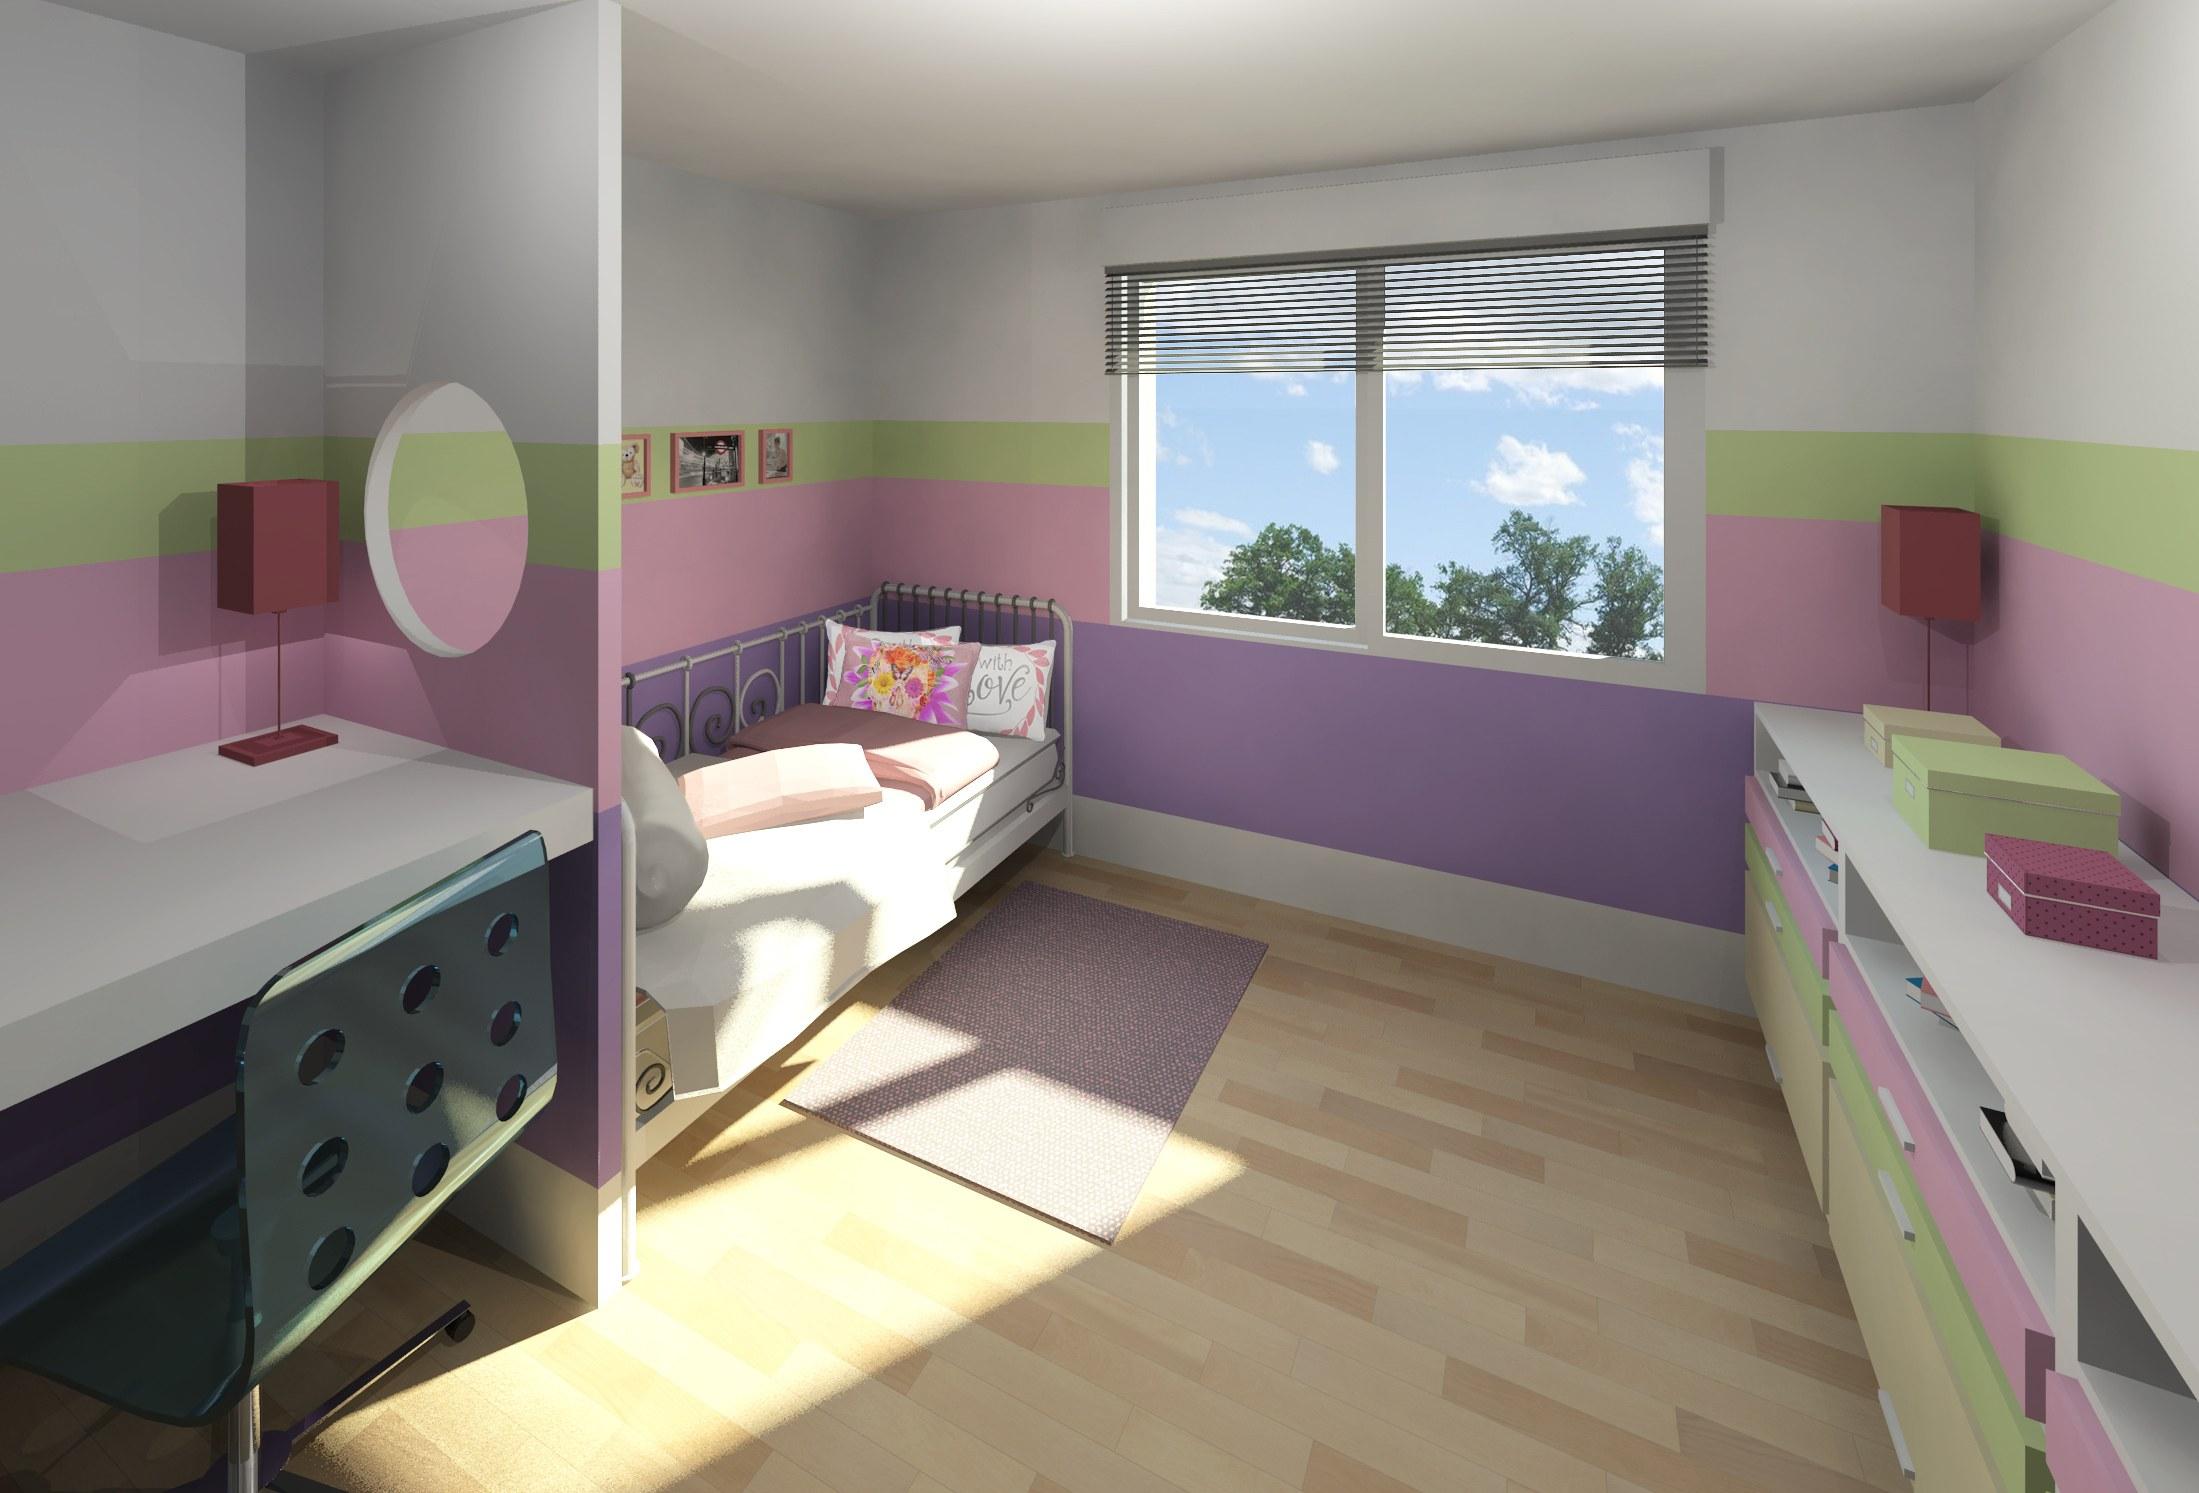 Maisons + Terrains du constructeur MAISON FAMILIALE • 118 m² • ROSIERES AUX SALINES